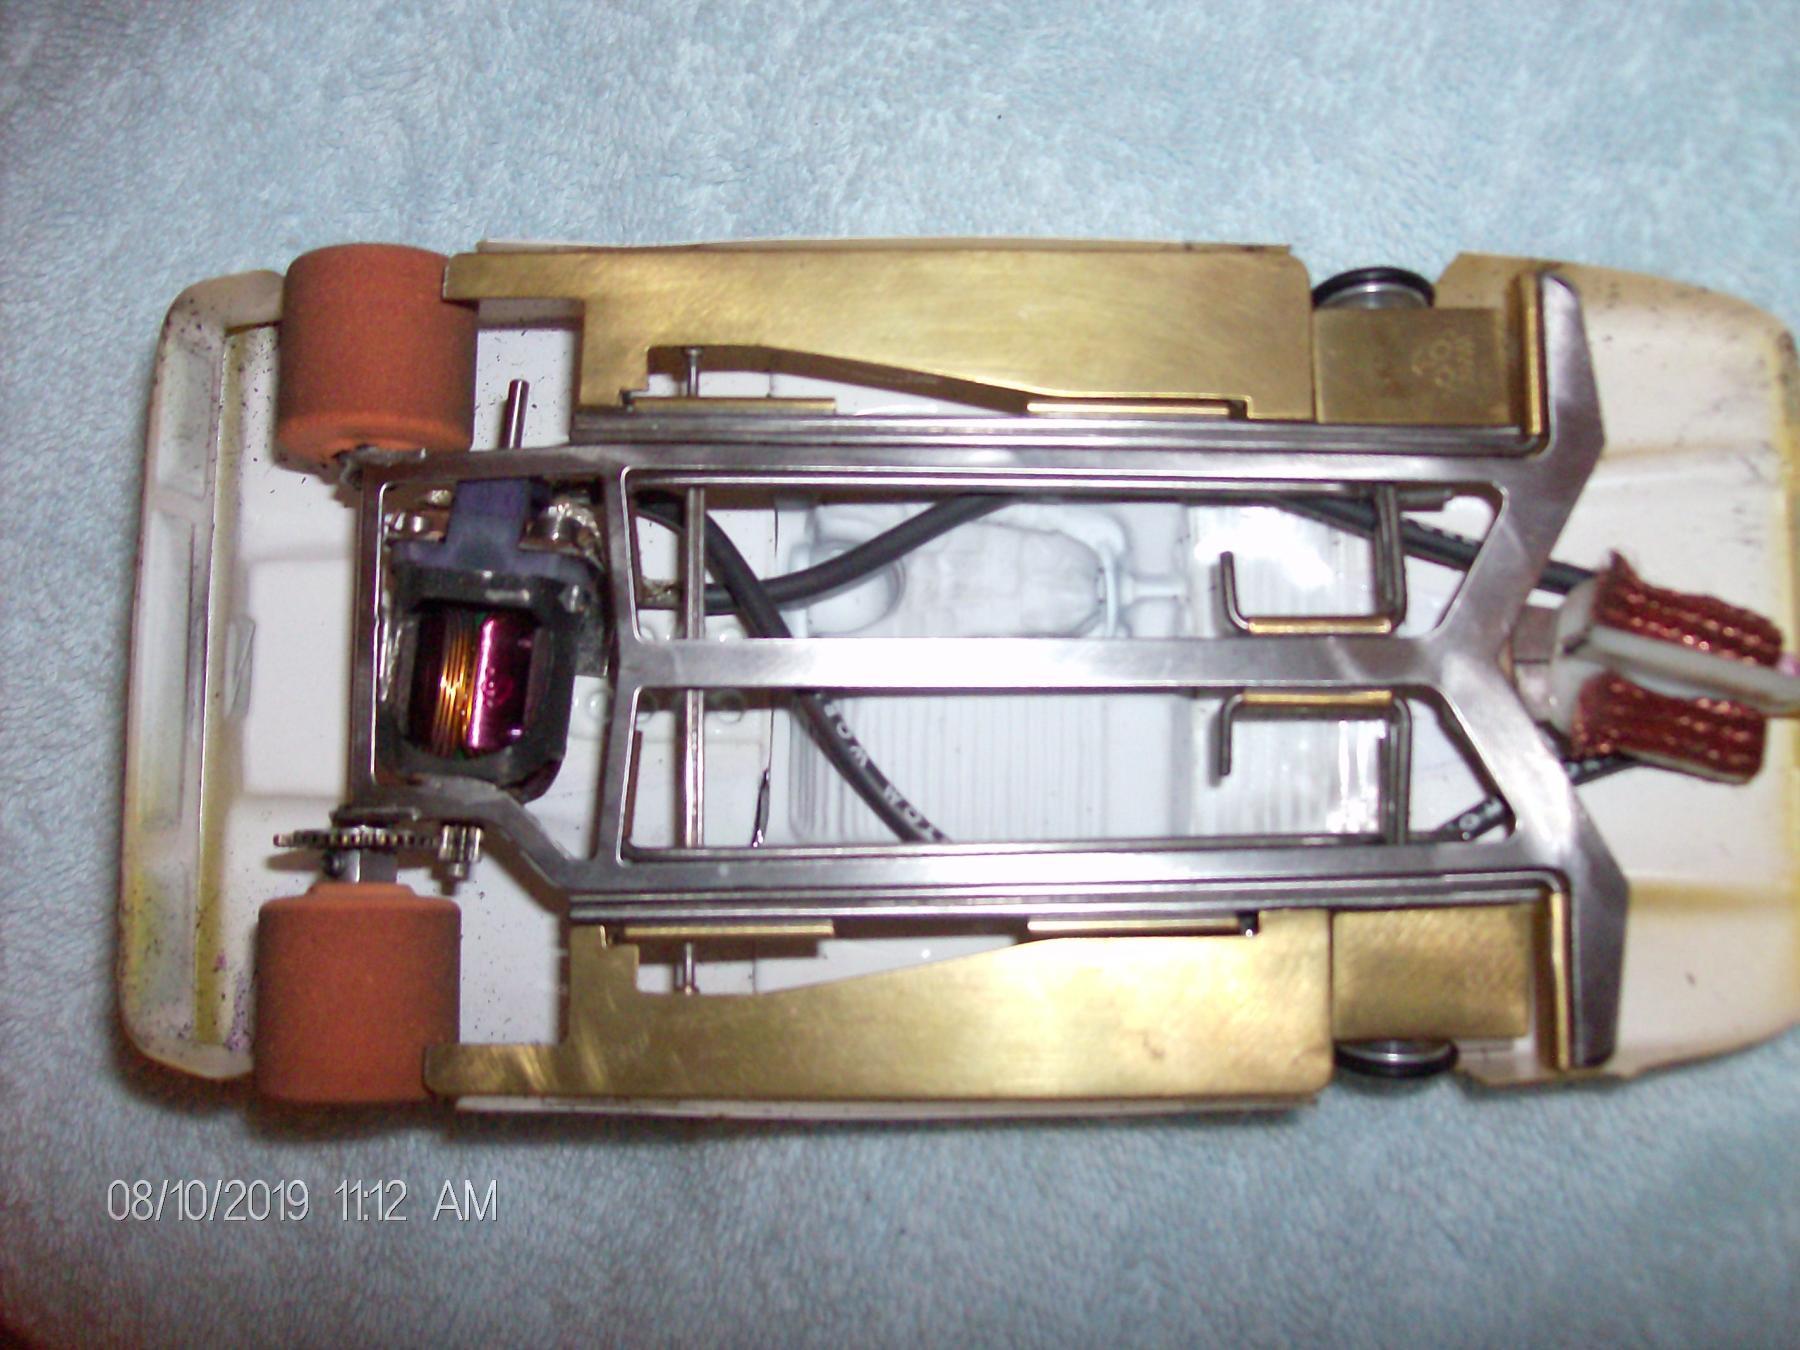 HPIM1200.JPG